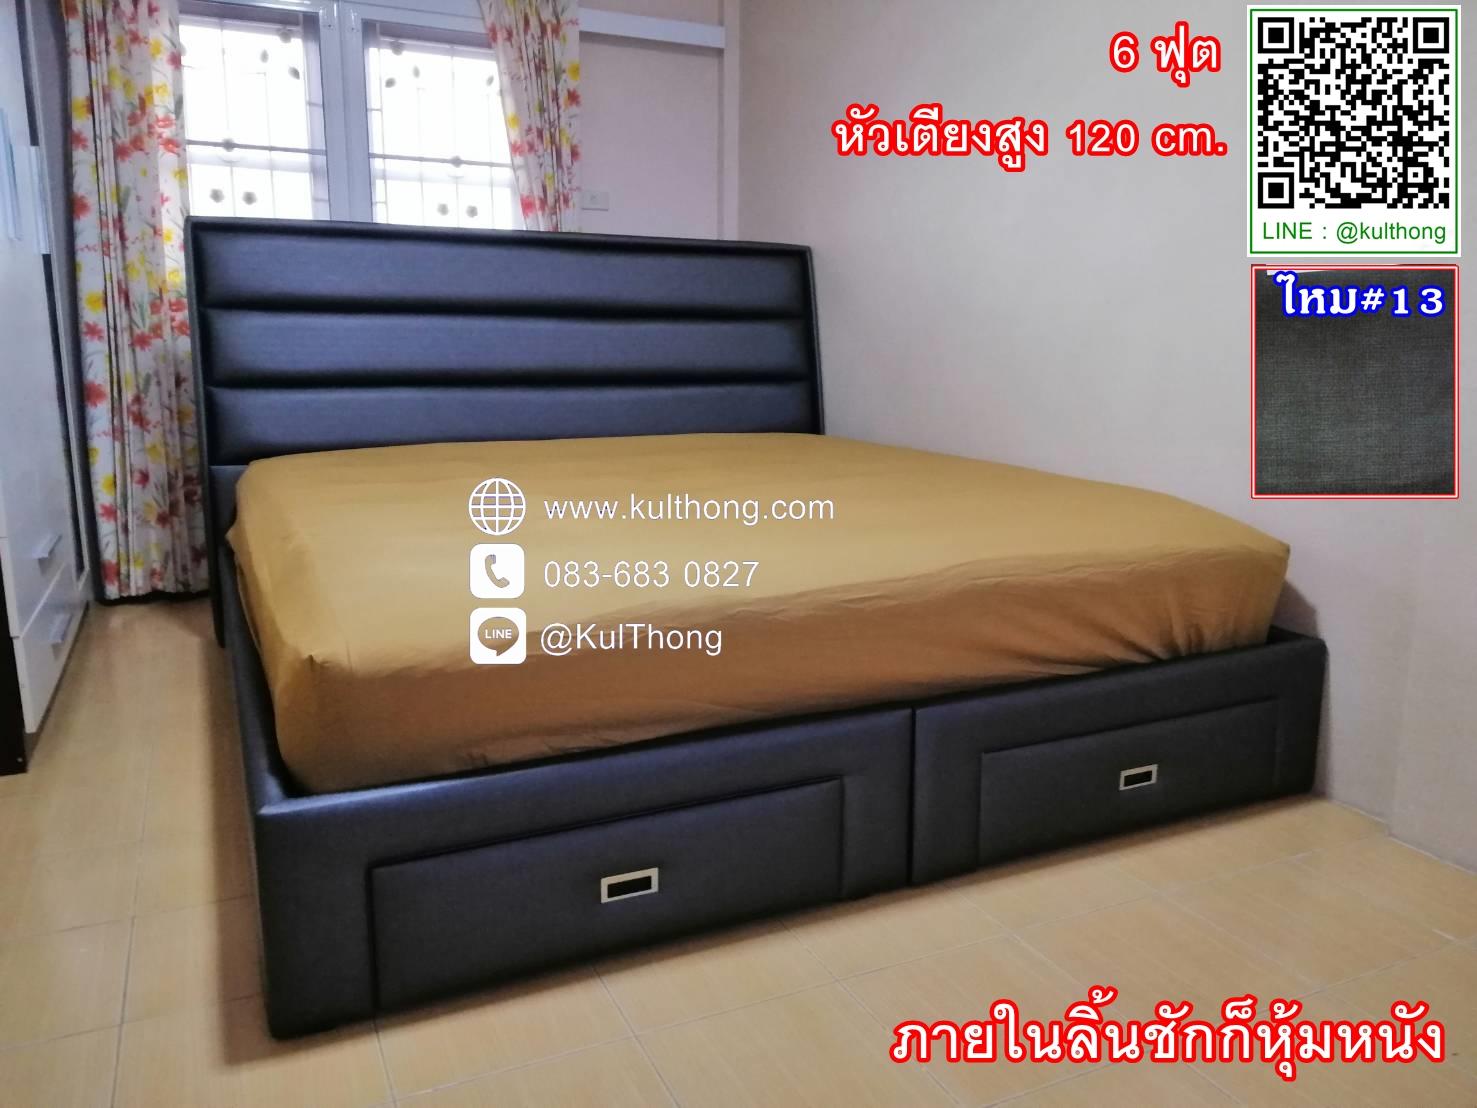 เตียงลิ้นชัก เตียงดีไซน์ ฐานเตียง